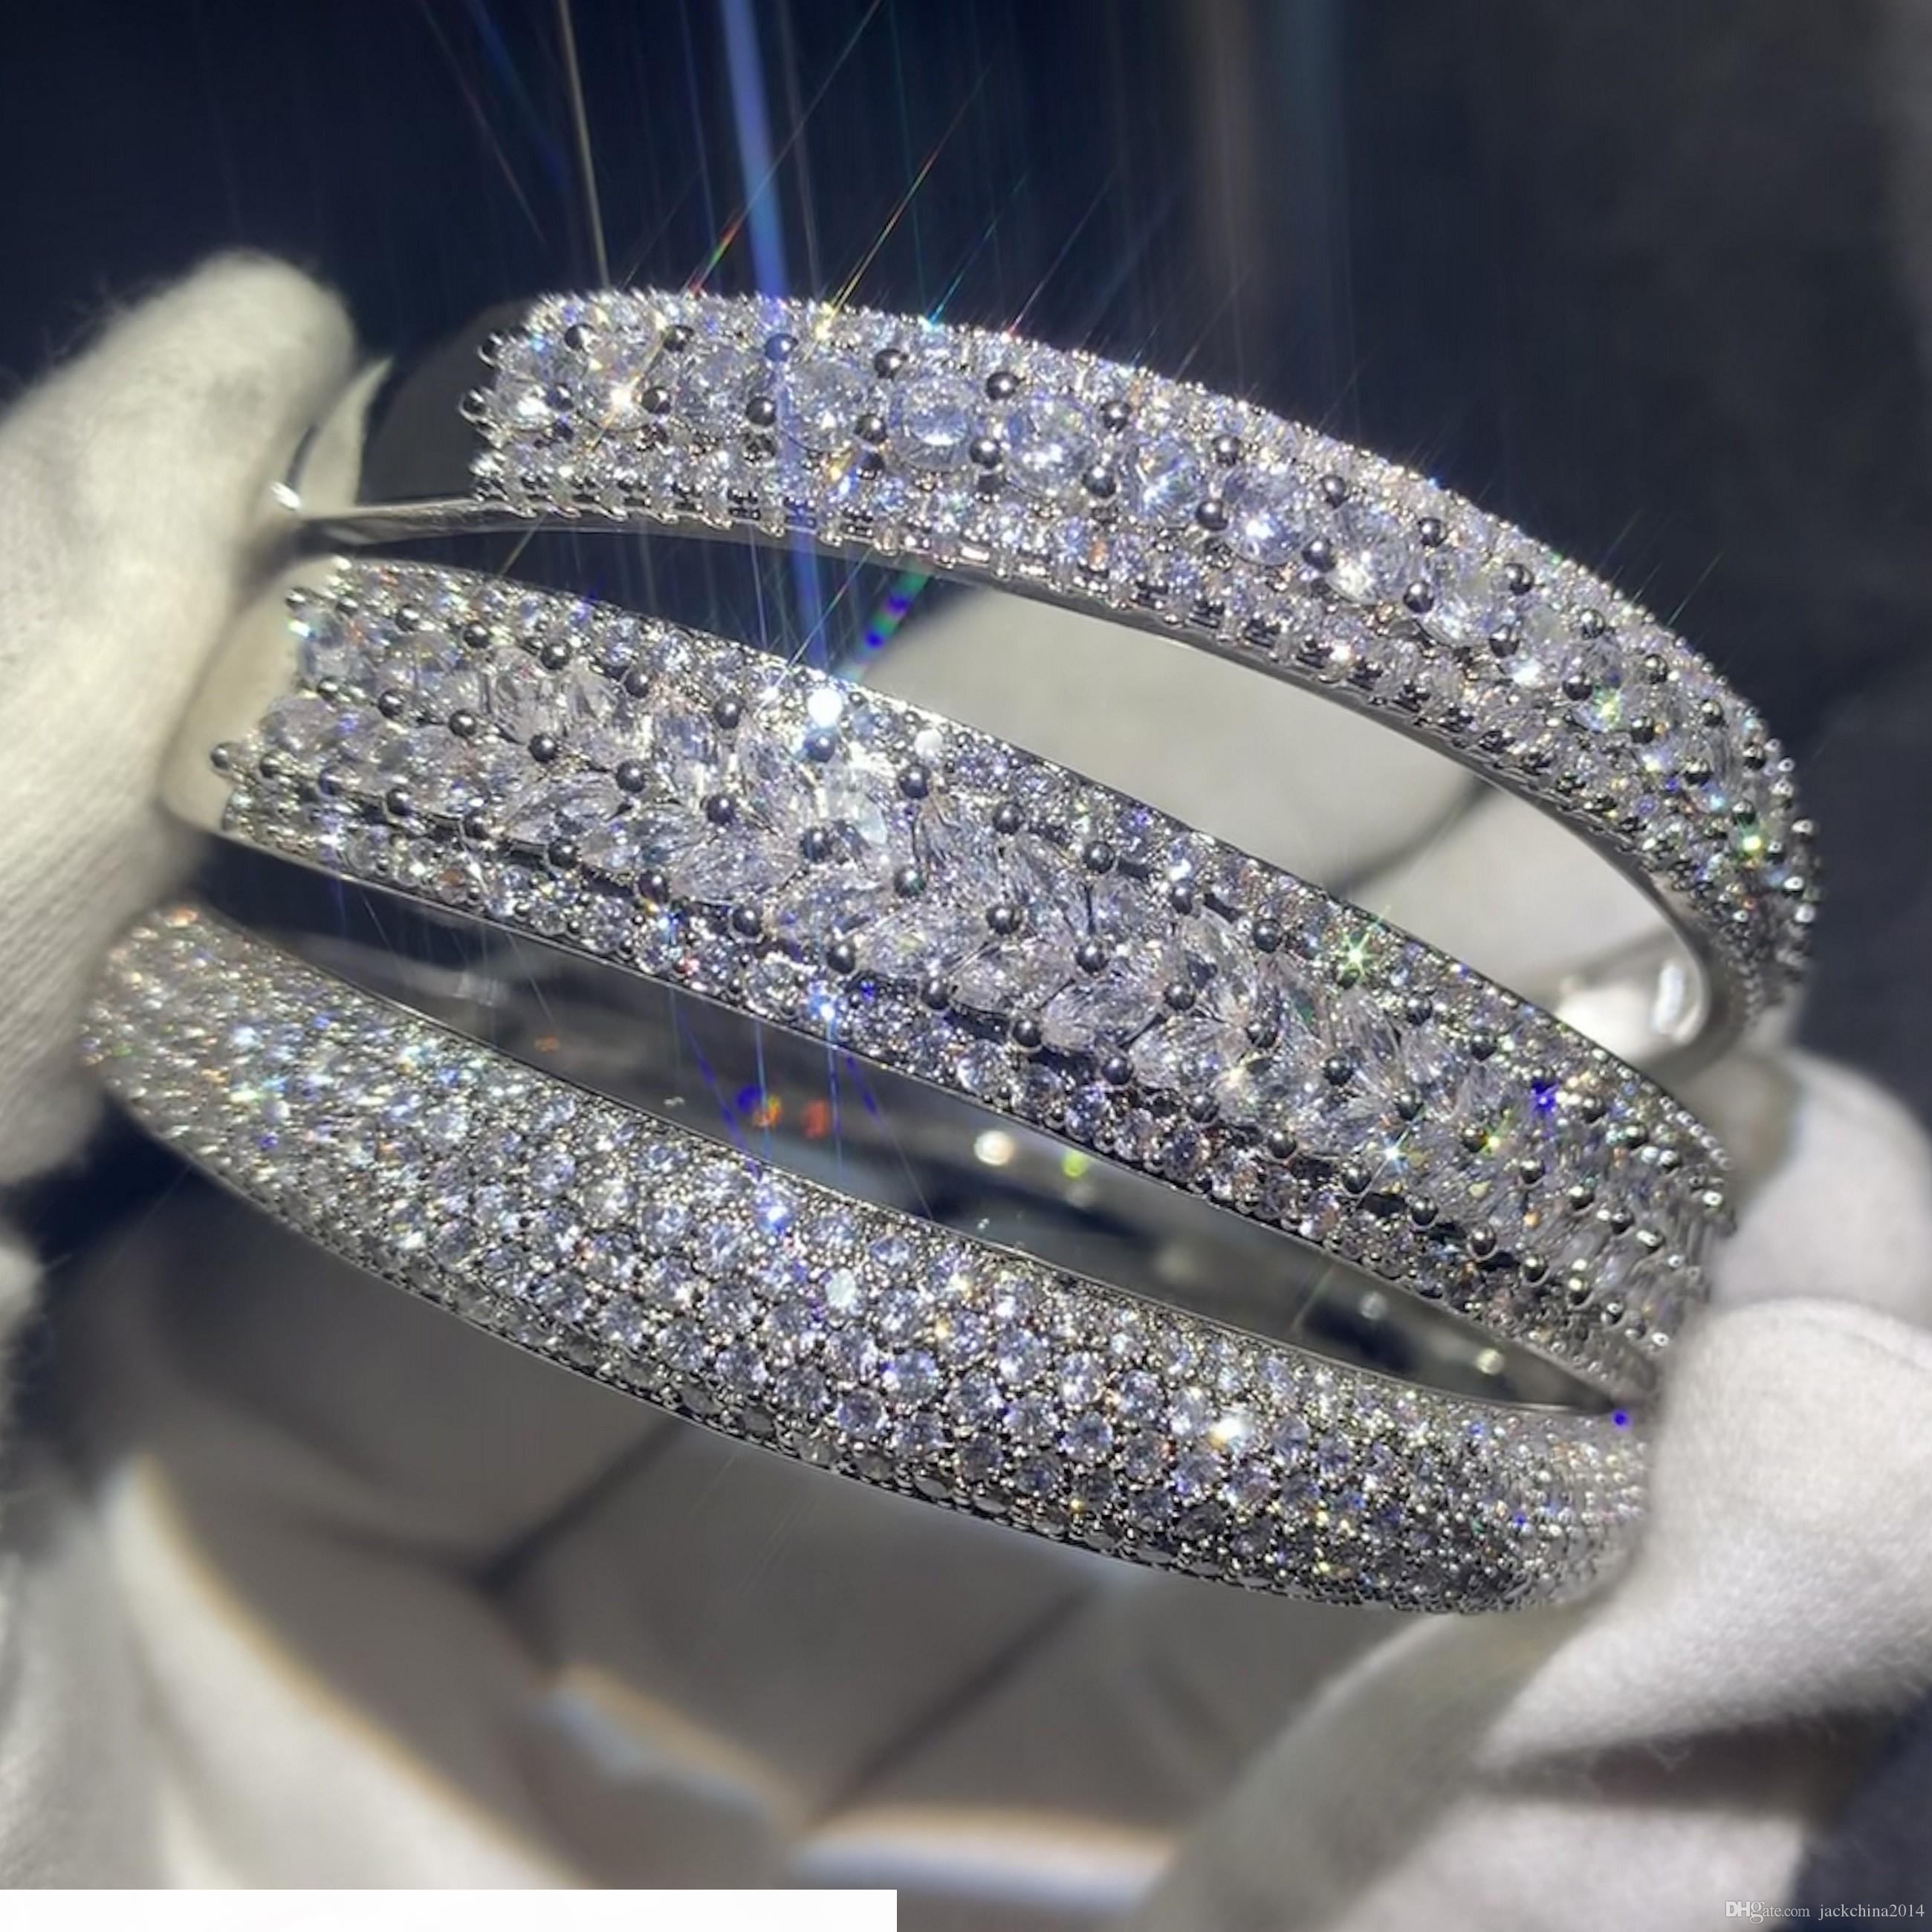 Espumoso Nueva joyería de la llegada de lujo de plata de ley 925 de relleno Pave Zafiro Blanco CZ mujeres del diamante de la boda del brazalete de la pulsera de dedo regalo